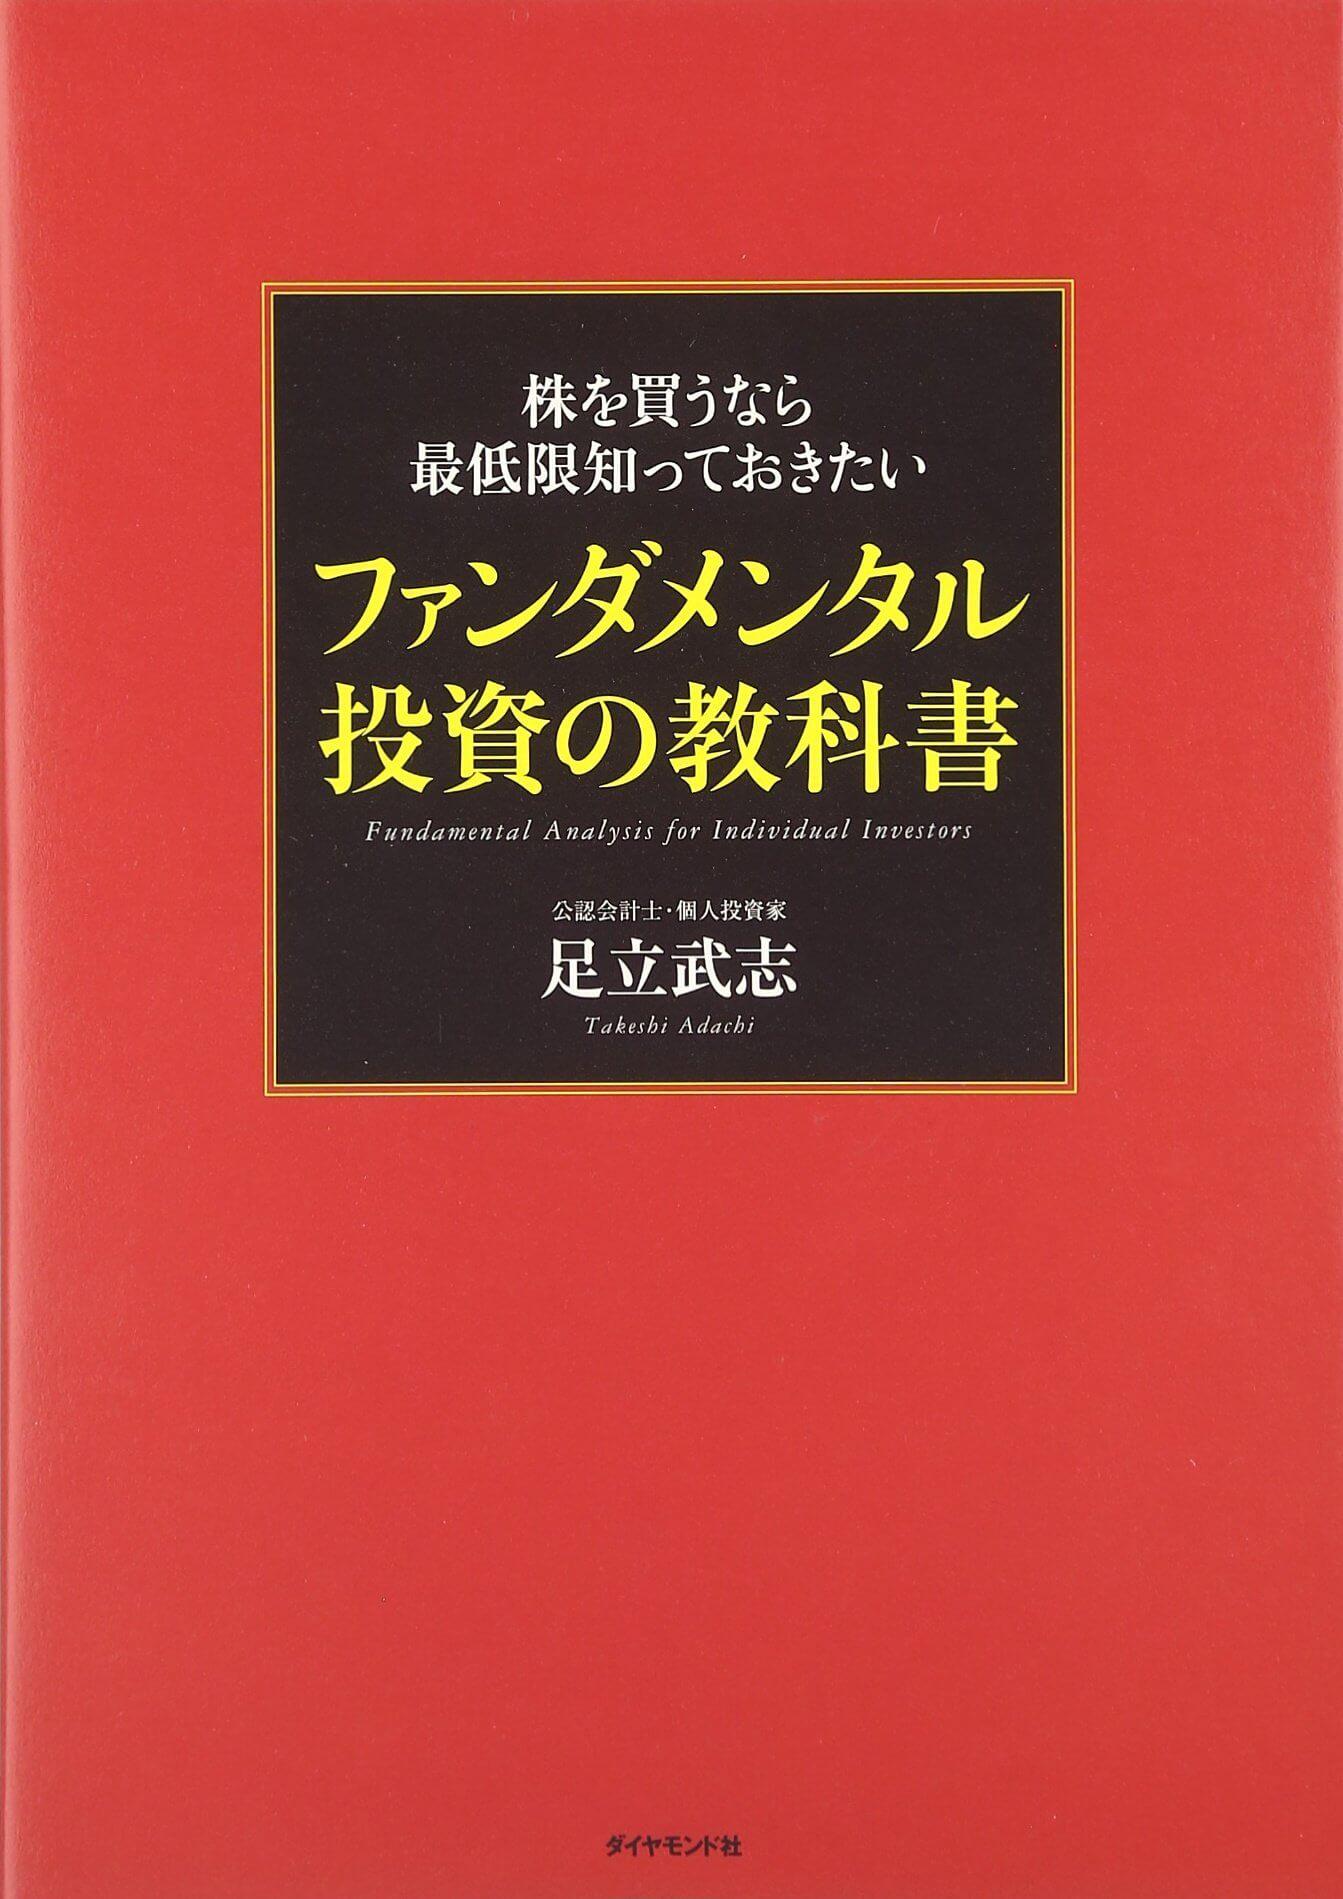 ファンダメンタル投資の教科書の画像